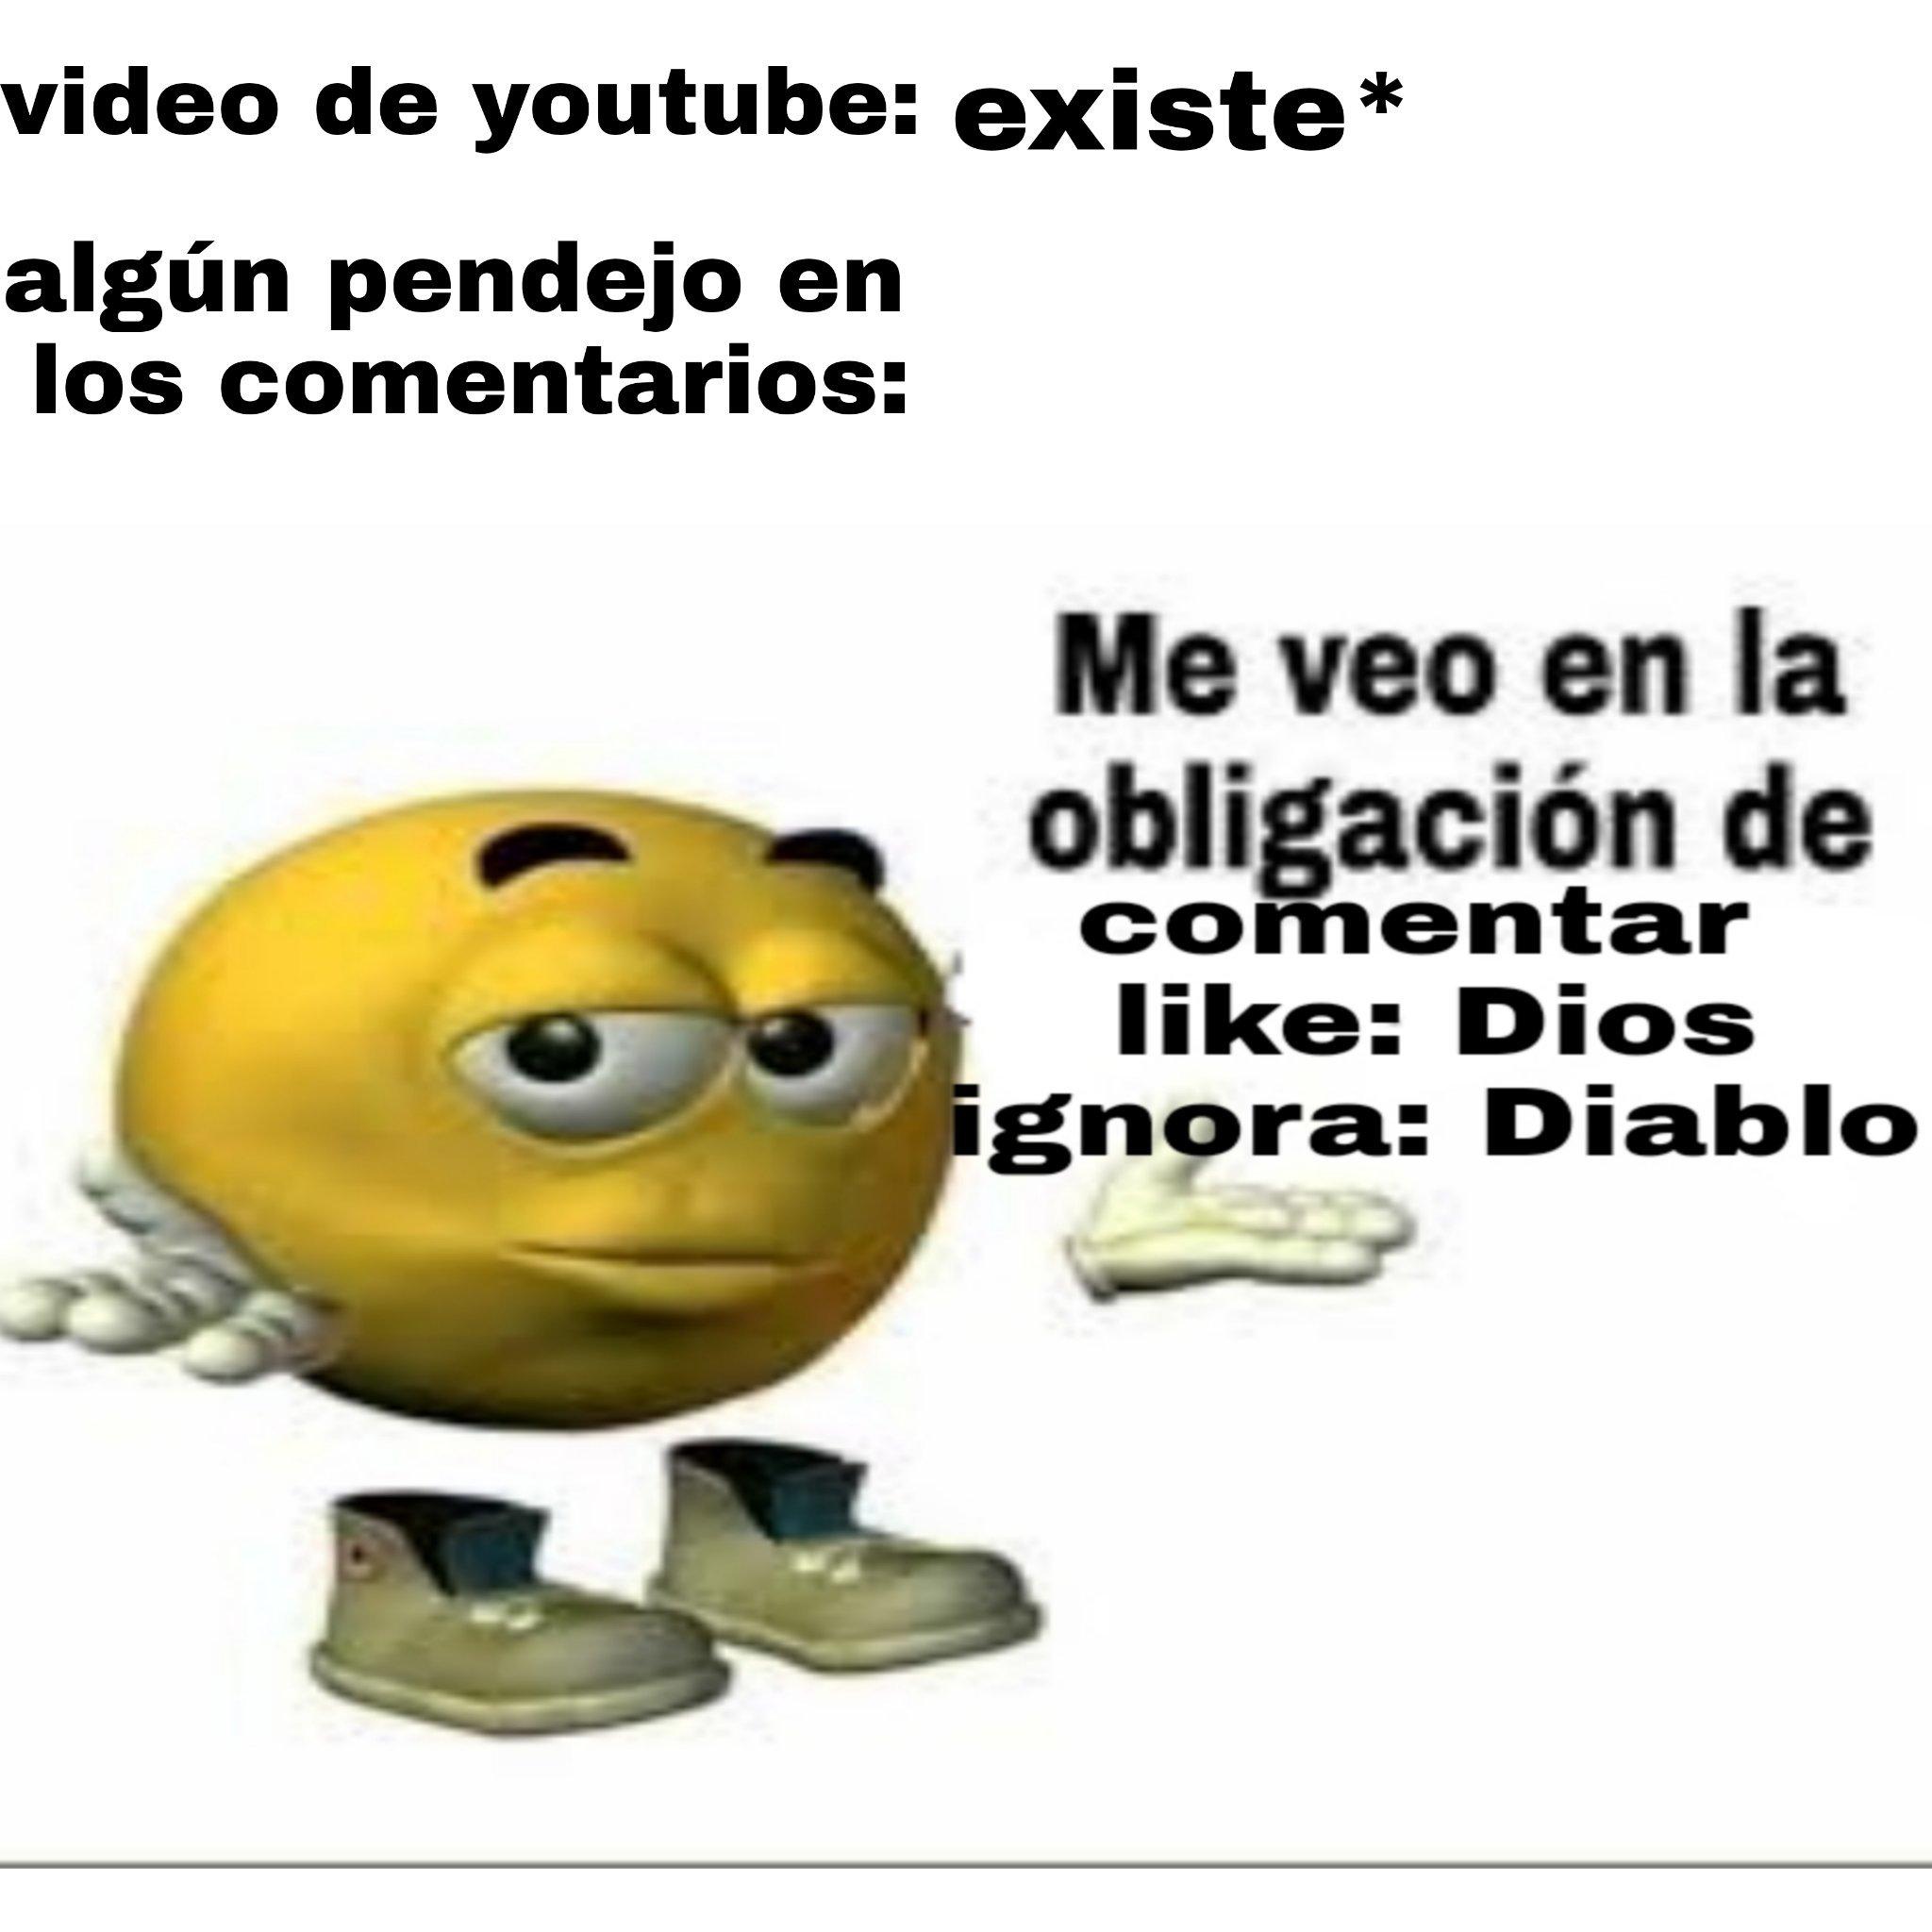 Y los muy qleros están en prácticamente todos los videos - meme